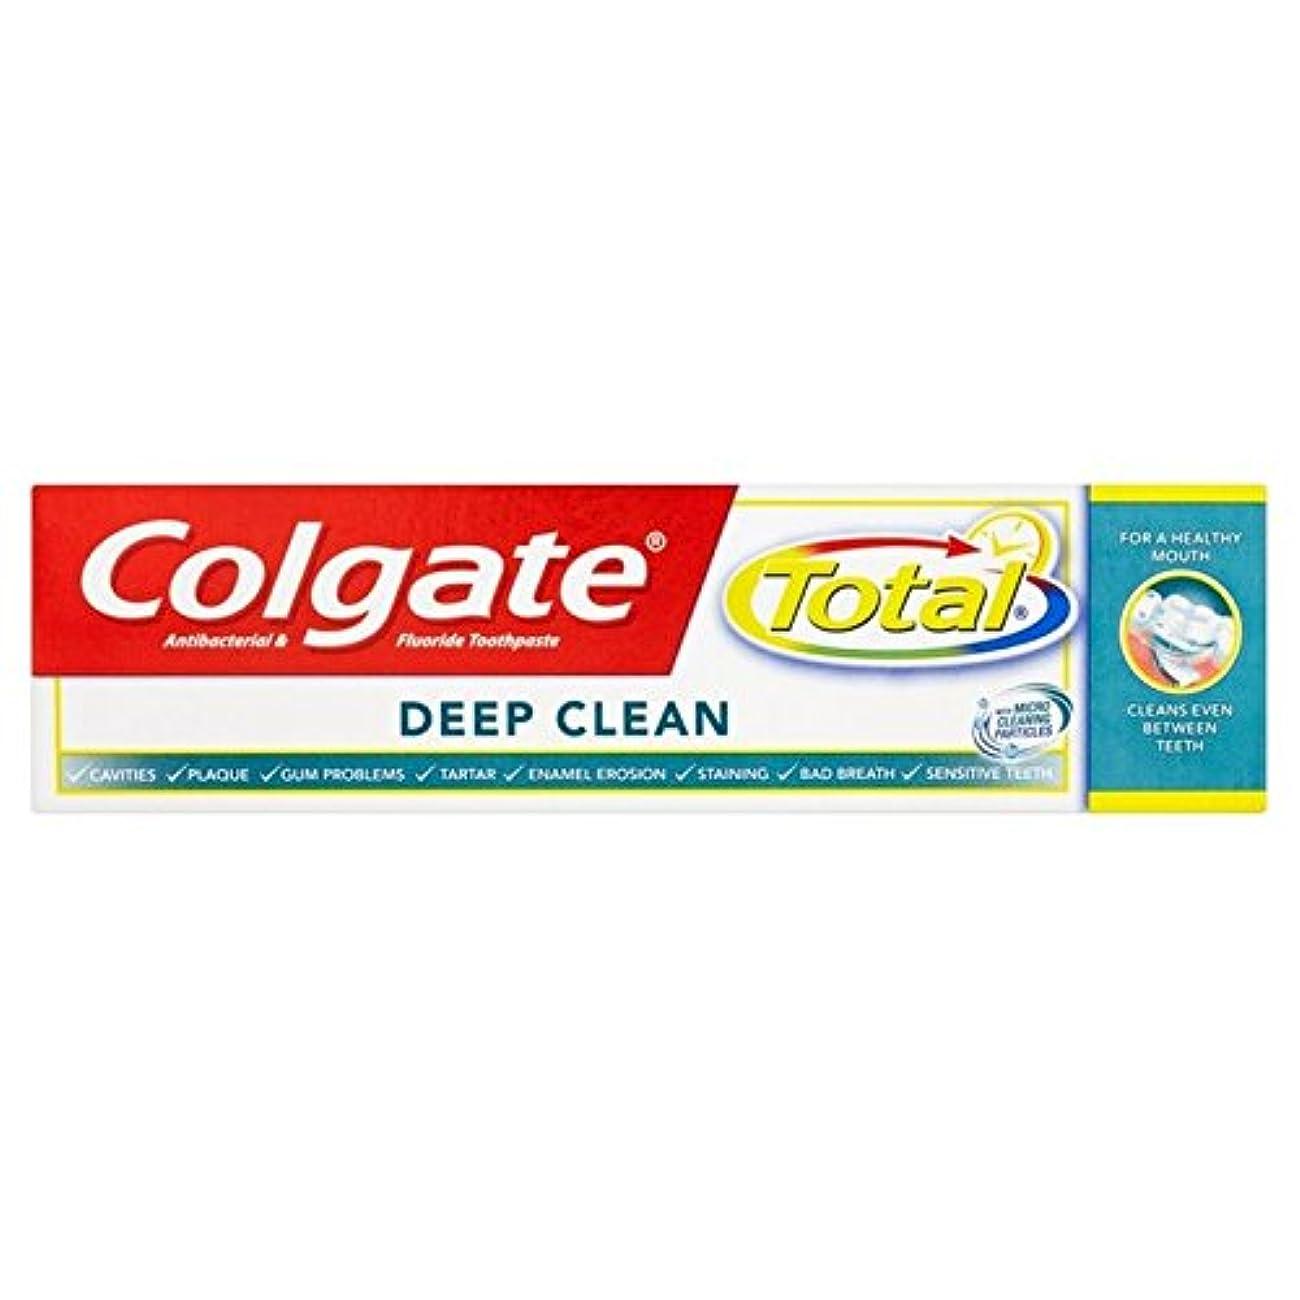 家さびた大通りコルゲートトータル深いクリーン歯磨き粉75ミリリットル x4 - Colgate Total Deep Clean Toothpaste 75ml (Pack of 4) [並行輸入品]